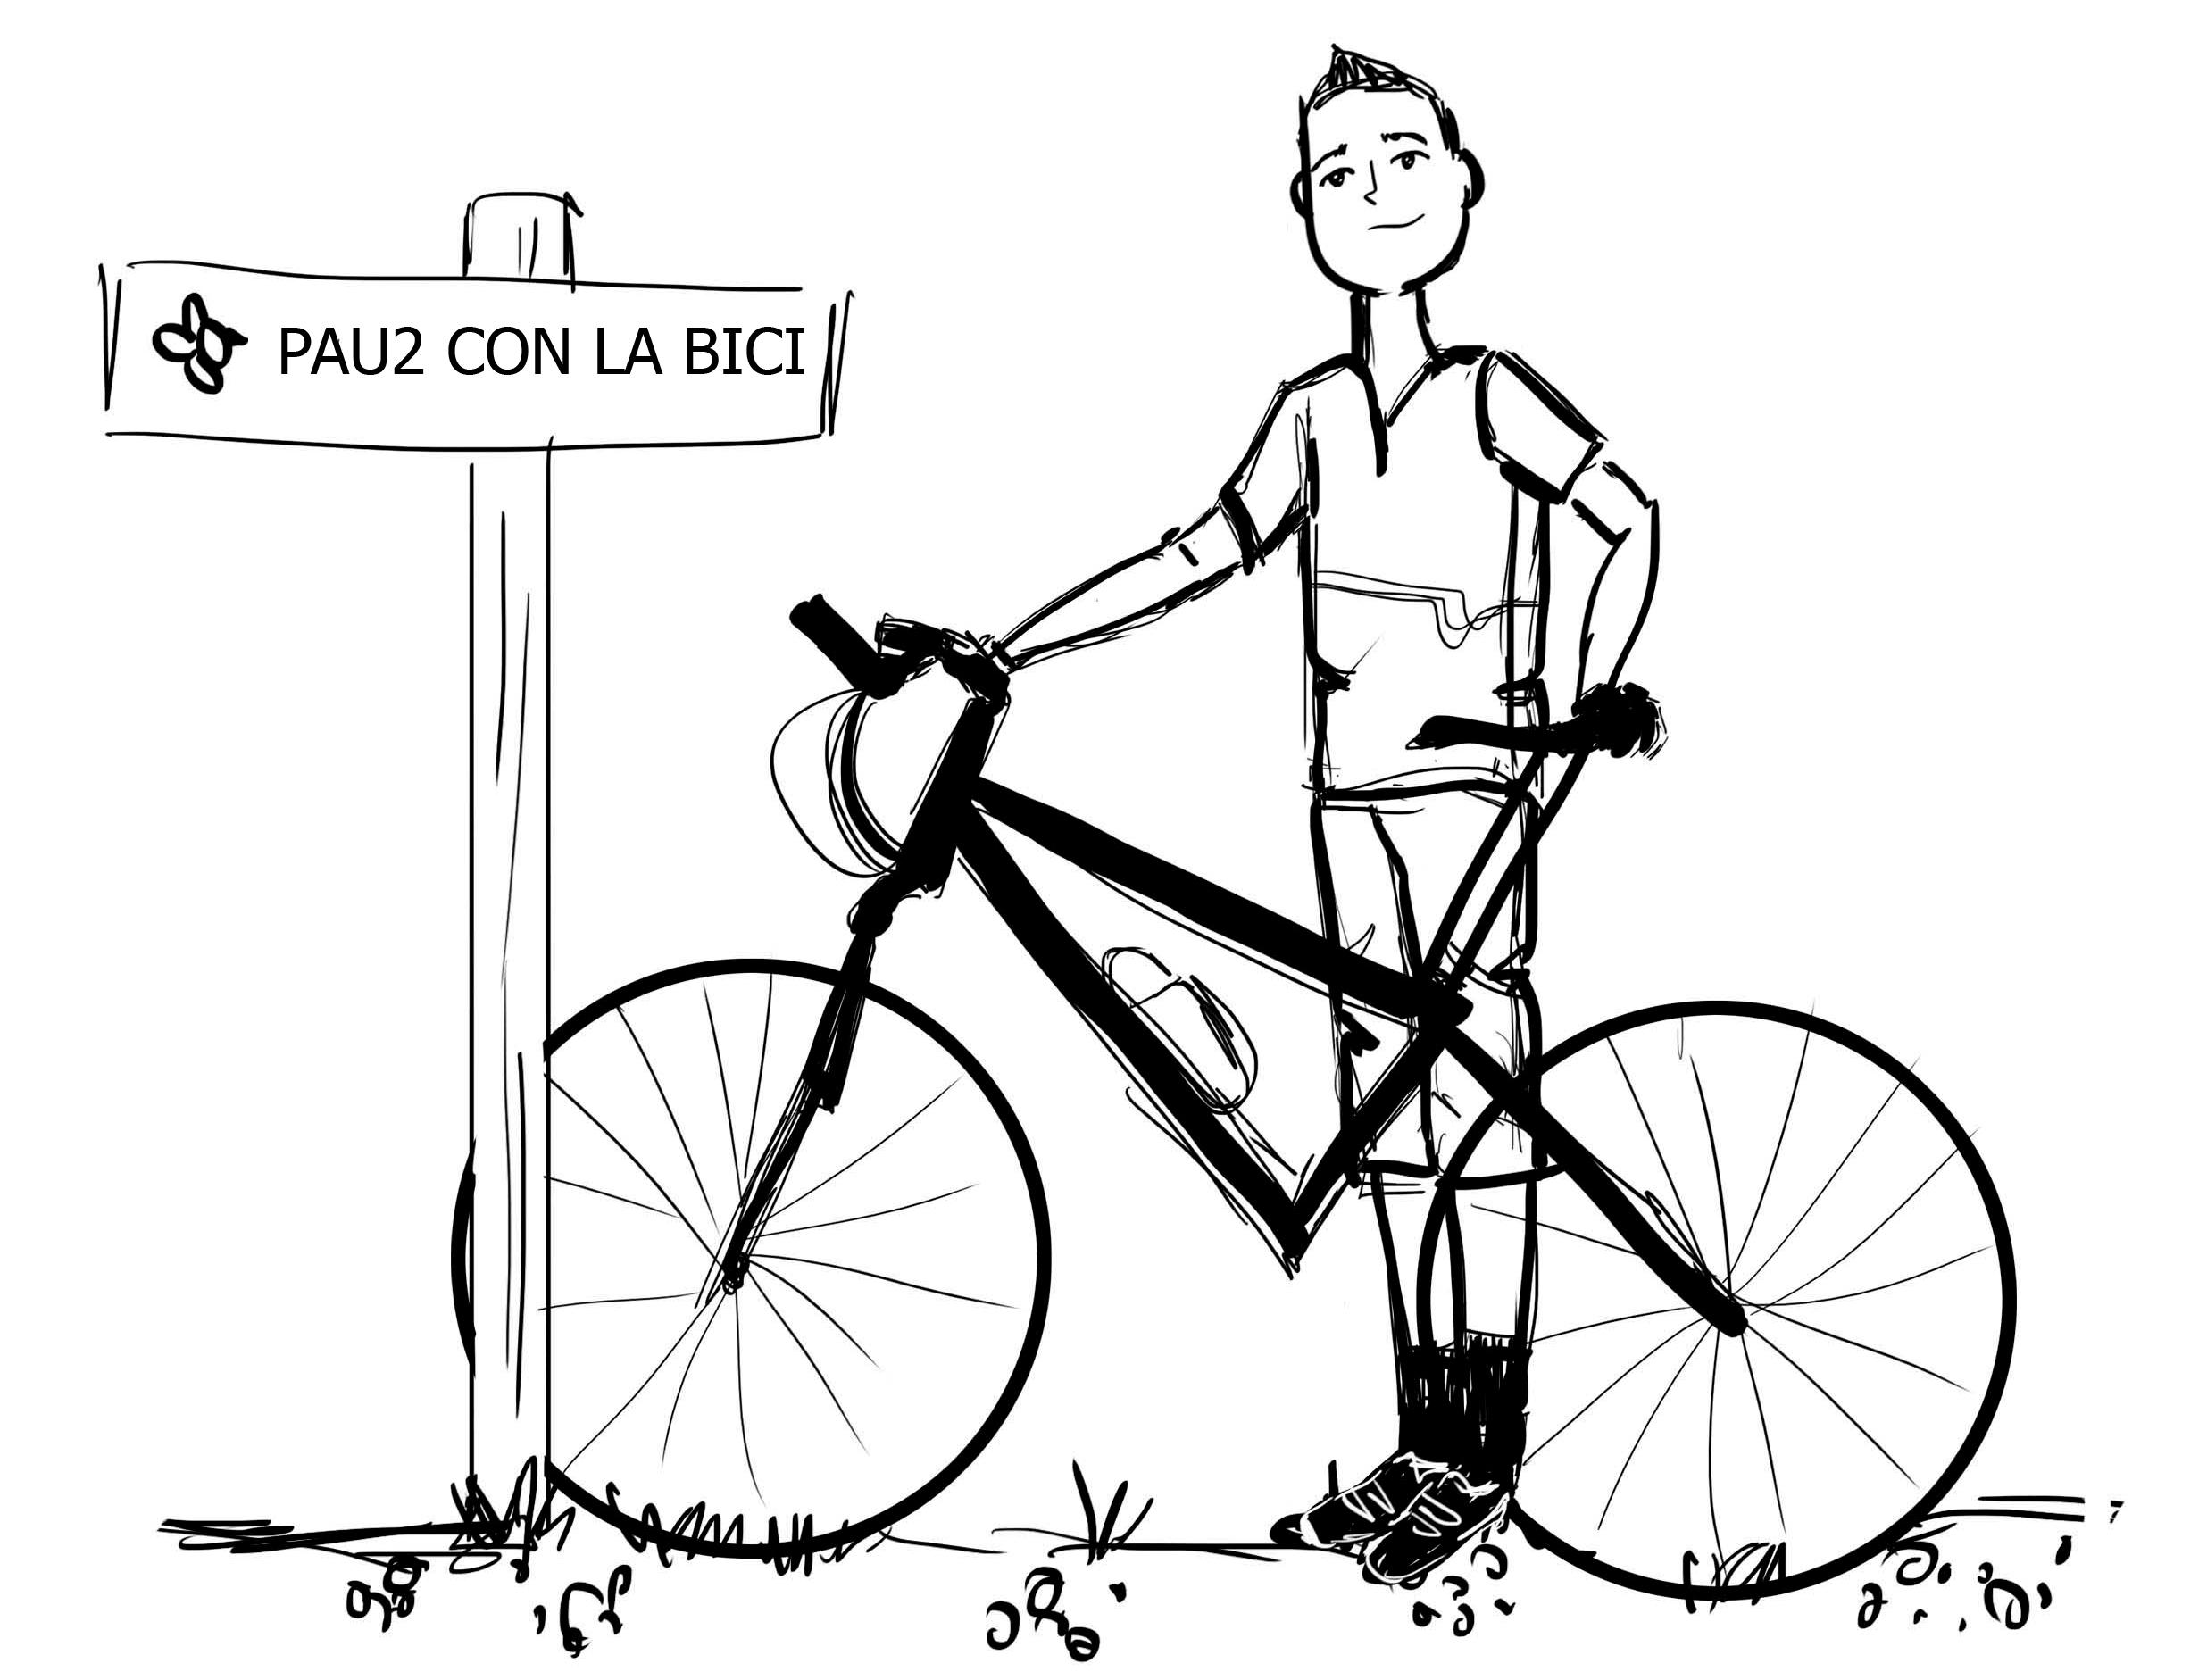 ciclovia-pau2